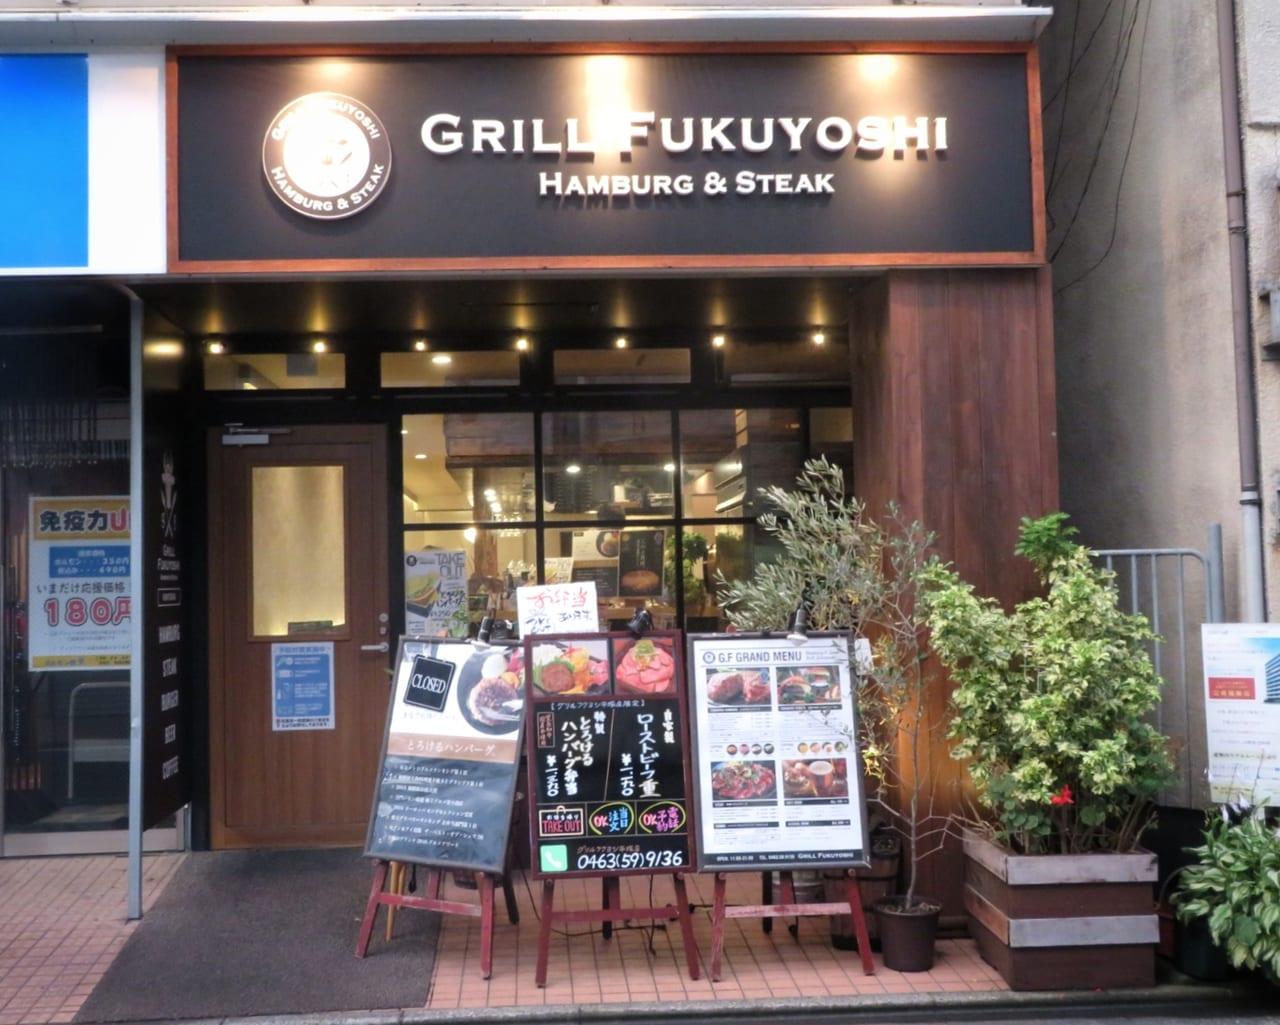 「グリルフクヨシ平塚店」が営業を再開!とろけるハンバーグ弁当のテイクアウトもスタート!